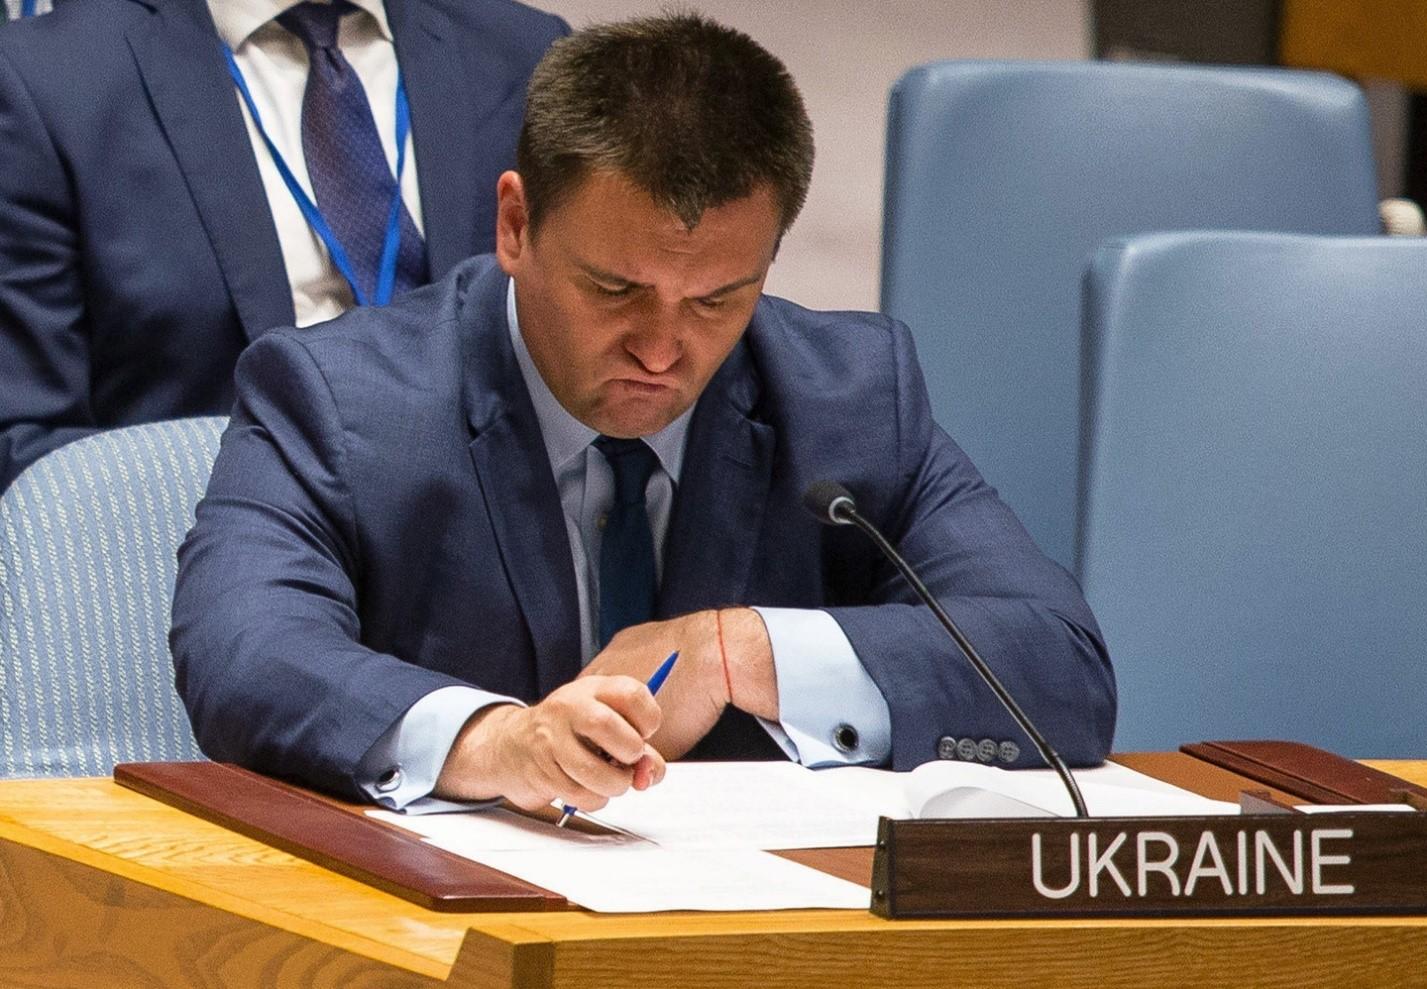 Представитель Украины в ООН